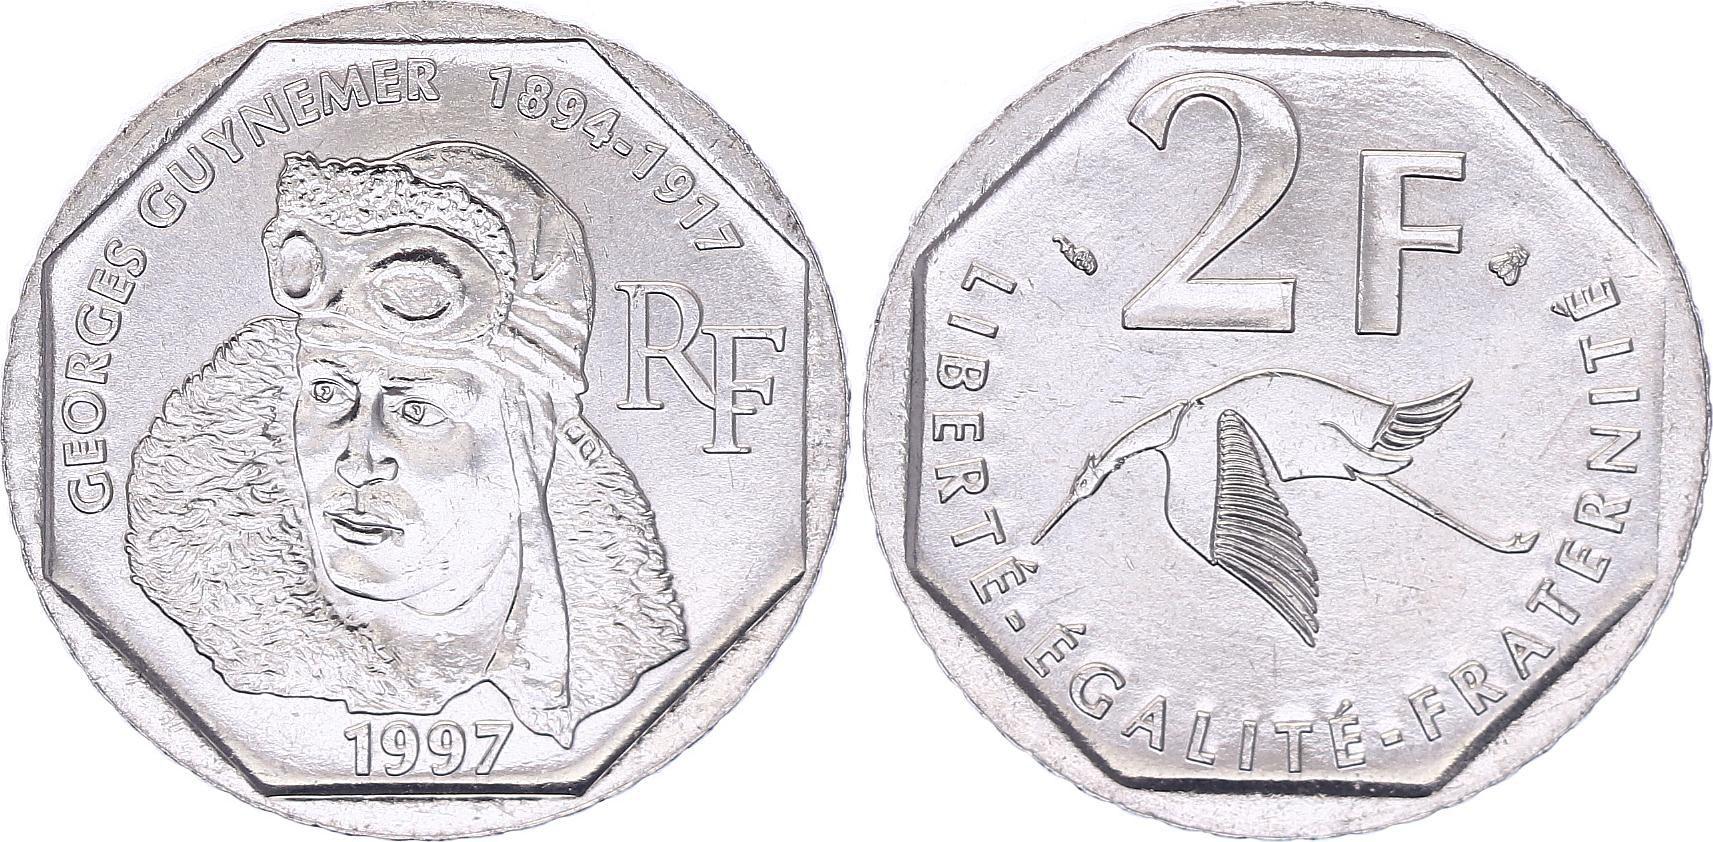 France 2 Francs Georges Guynemer - 1997 - UNC